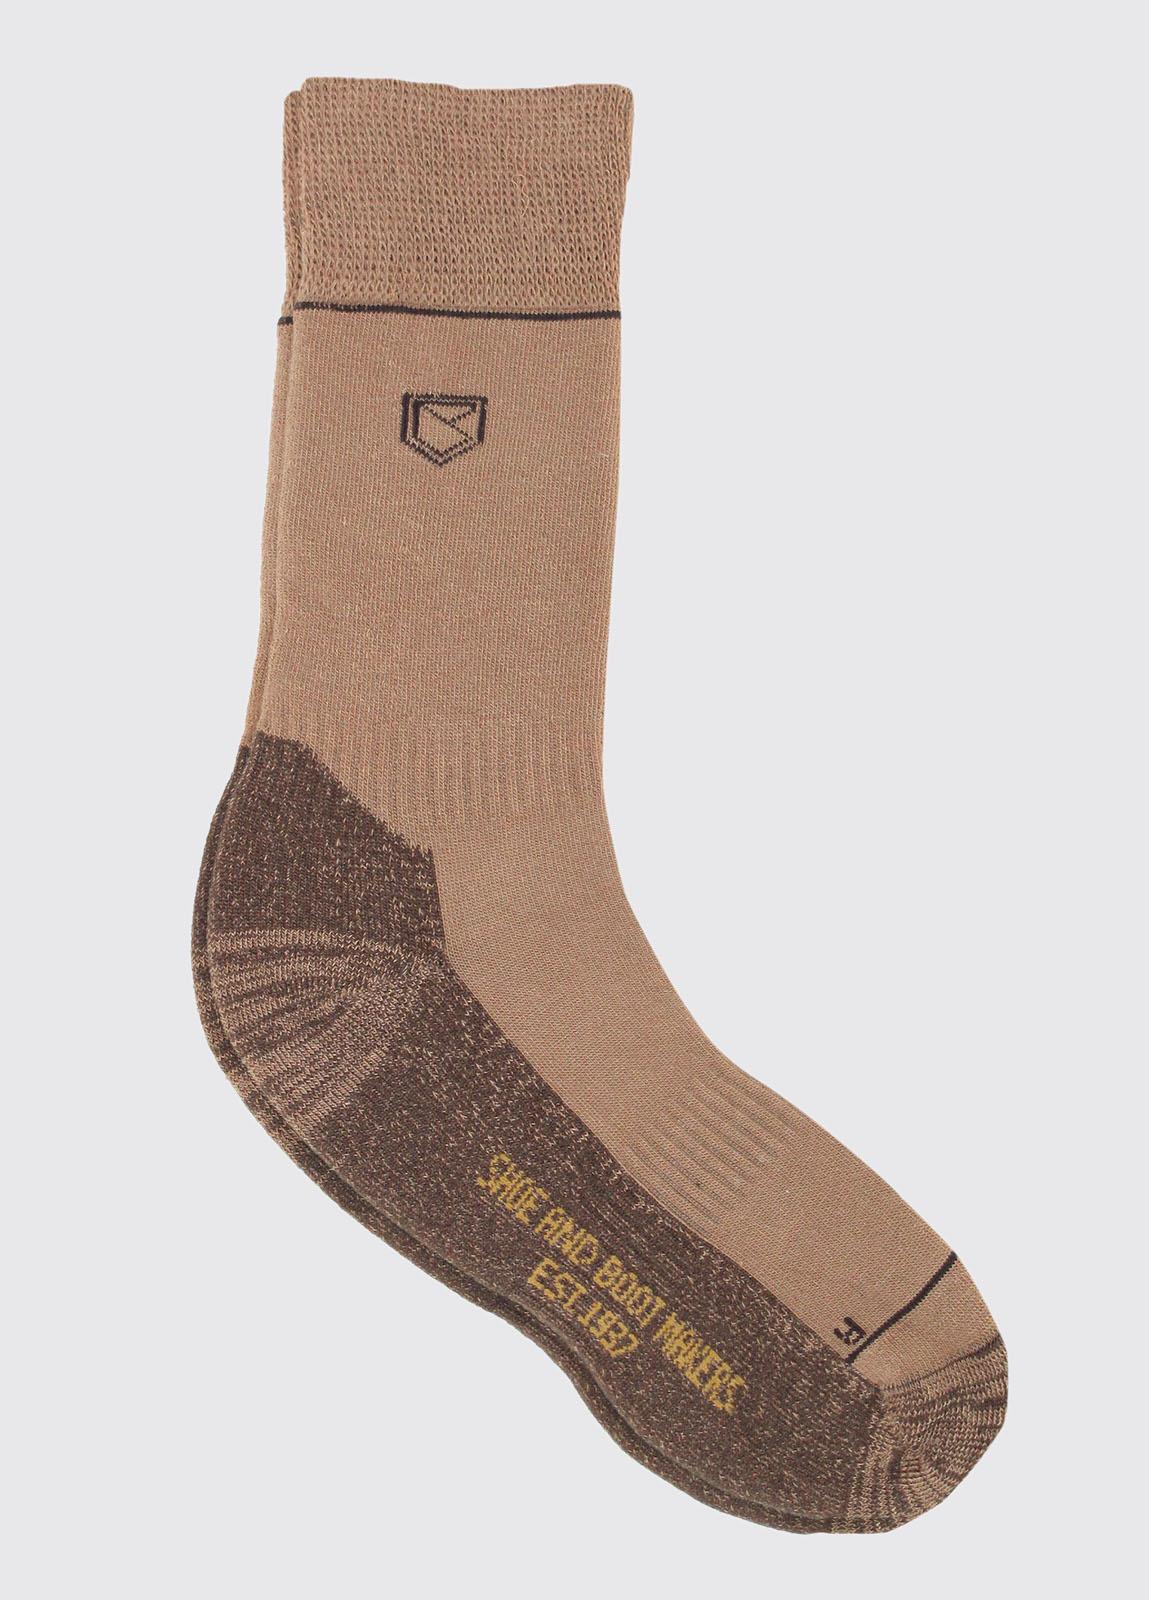 Kilkee Socks - Sand